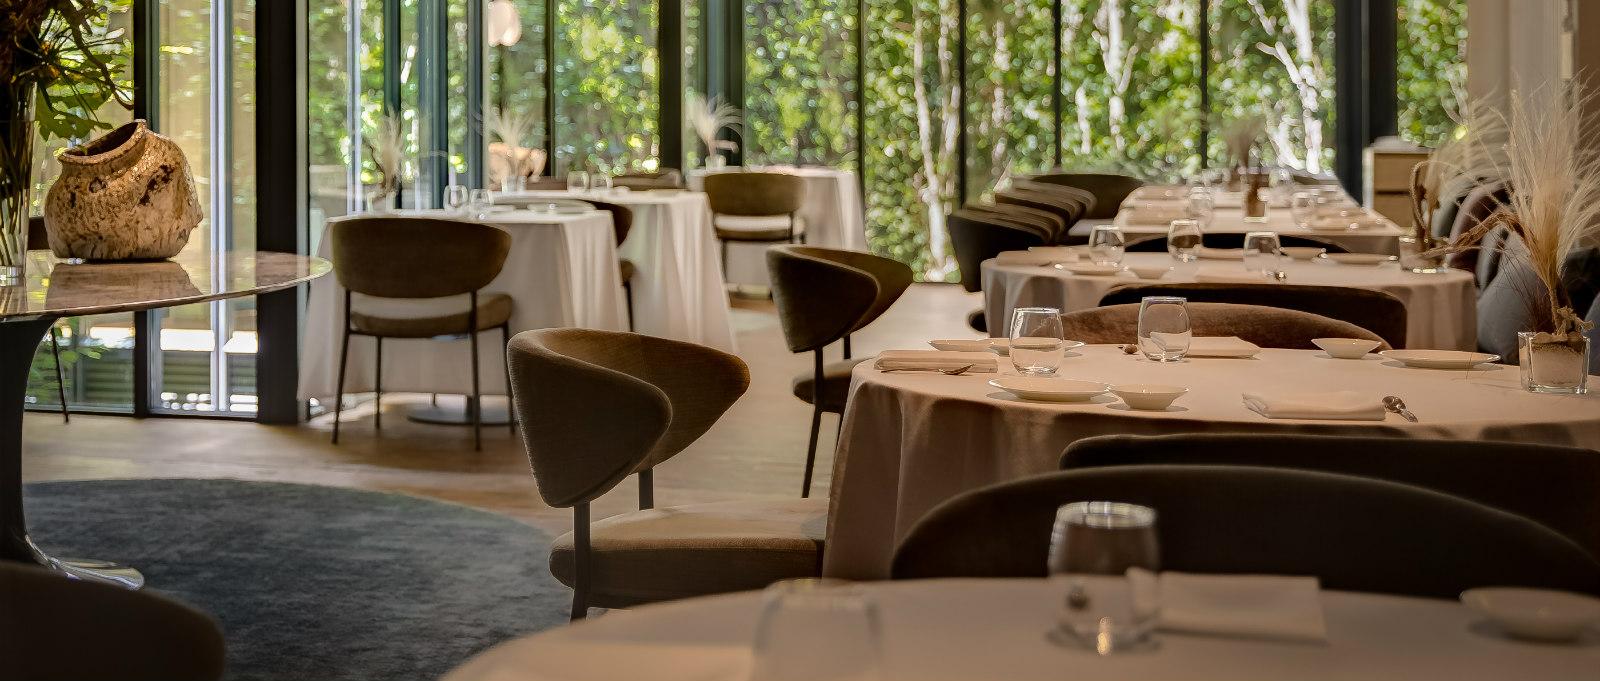 Xerta Restaurant Alta cuina de les Terres de l'Ebre a Barcelona